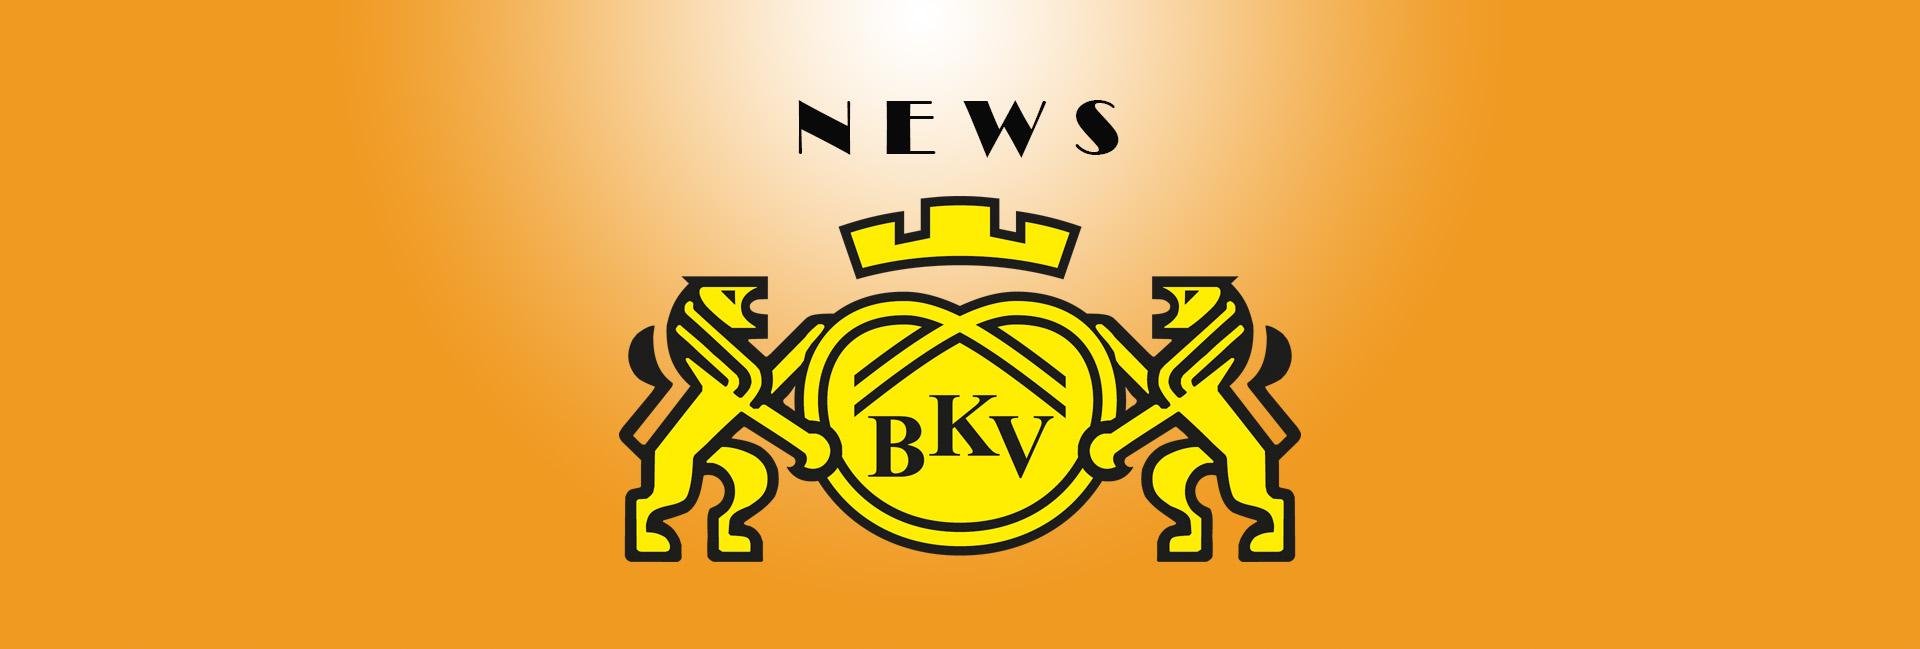 Neue Vorsitzende für die norddeutschen Handwerksbäcker – Zwei Frauen an der Spitze der Dachorganisation der Bäcker